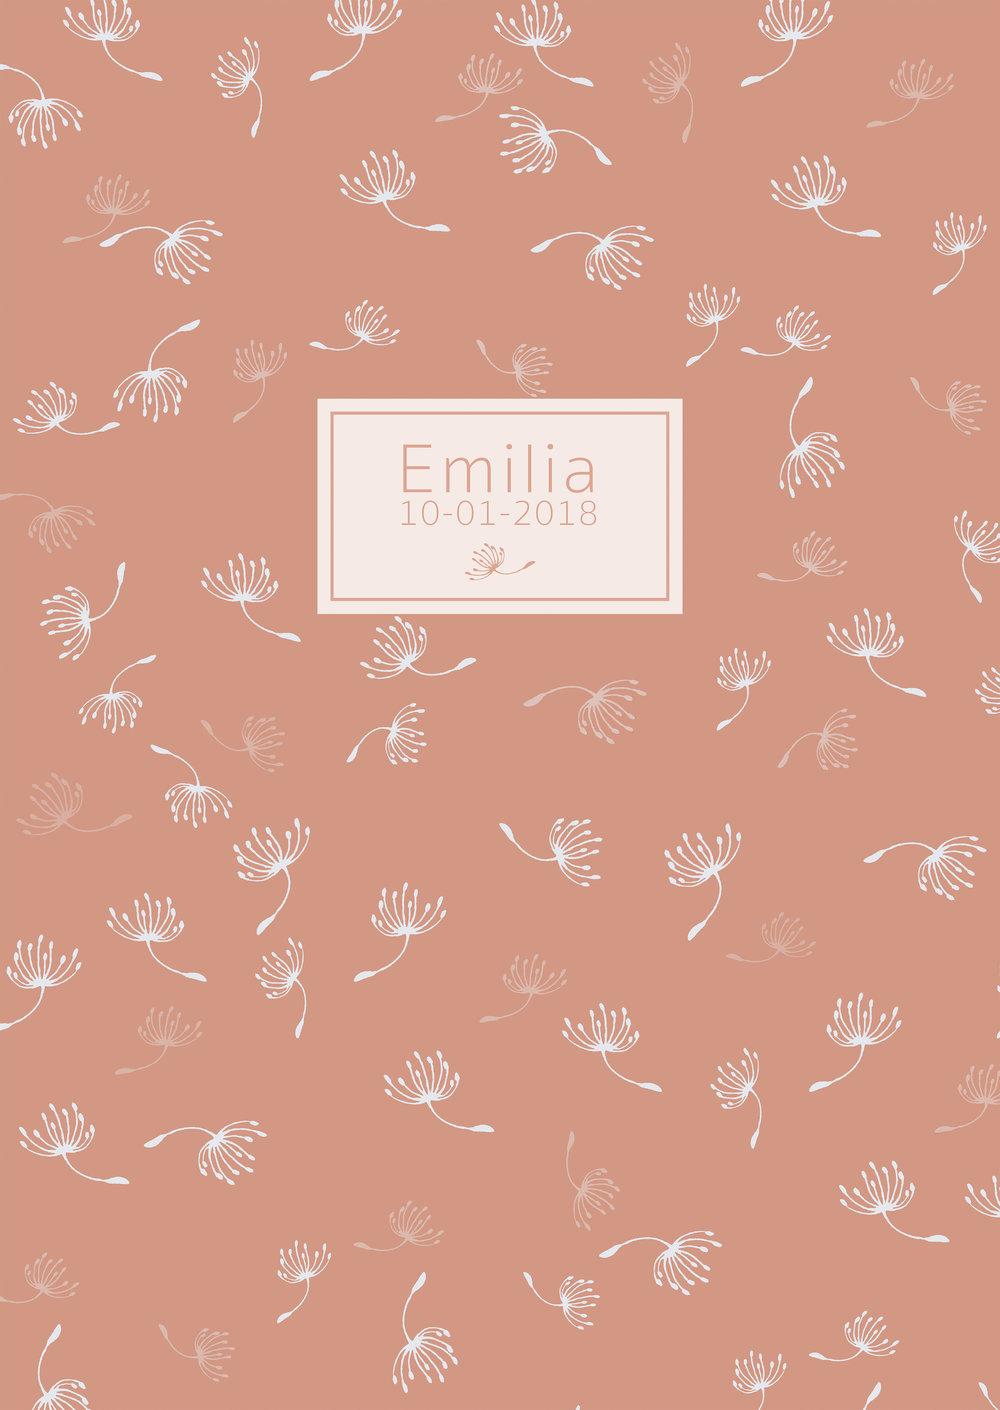 Emilia voor.jpg